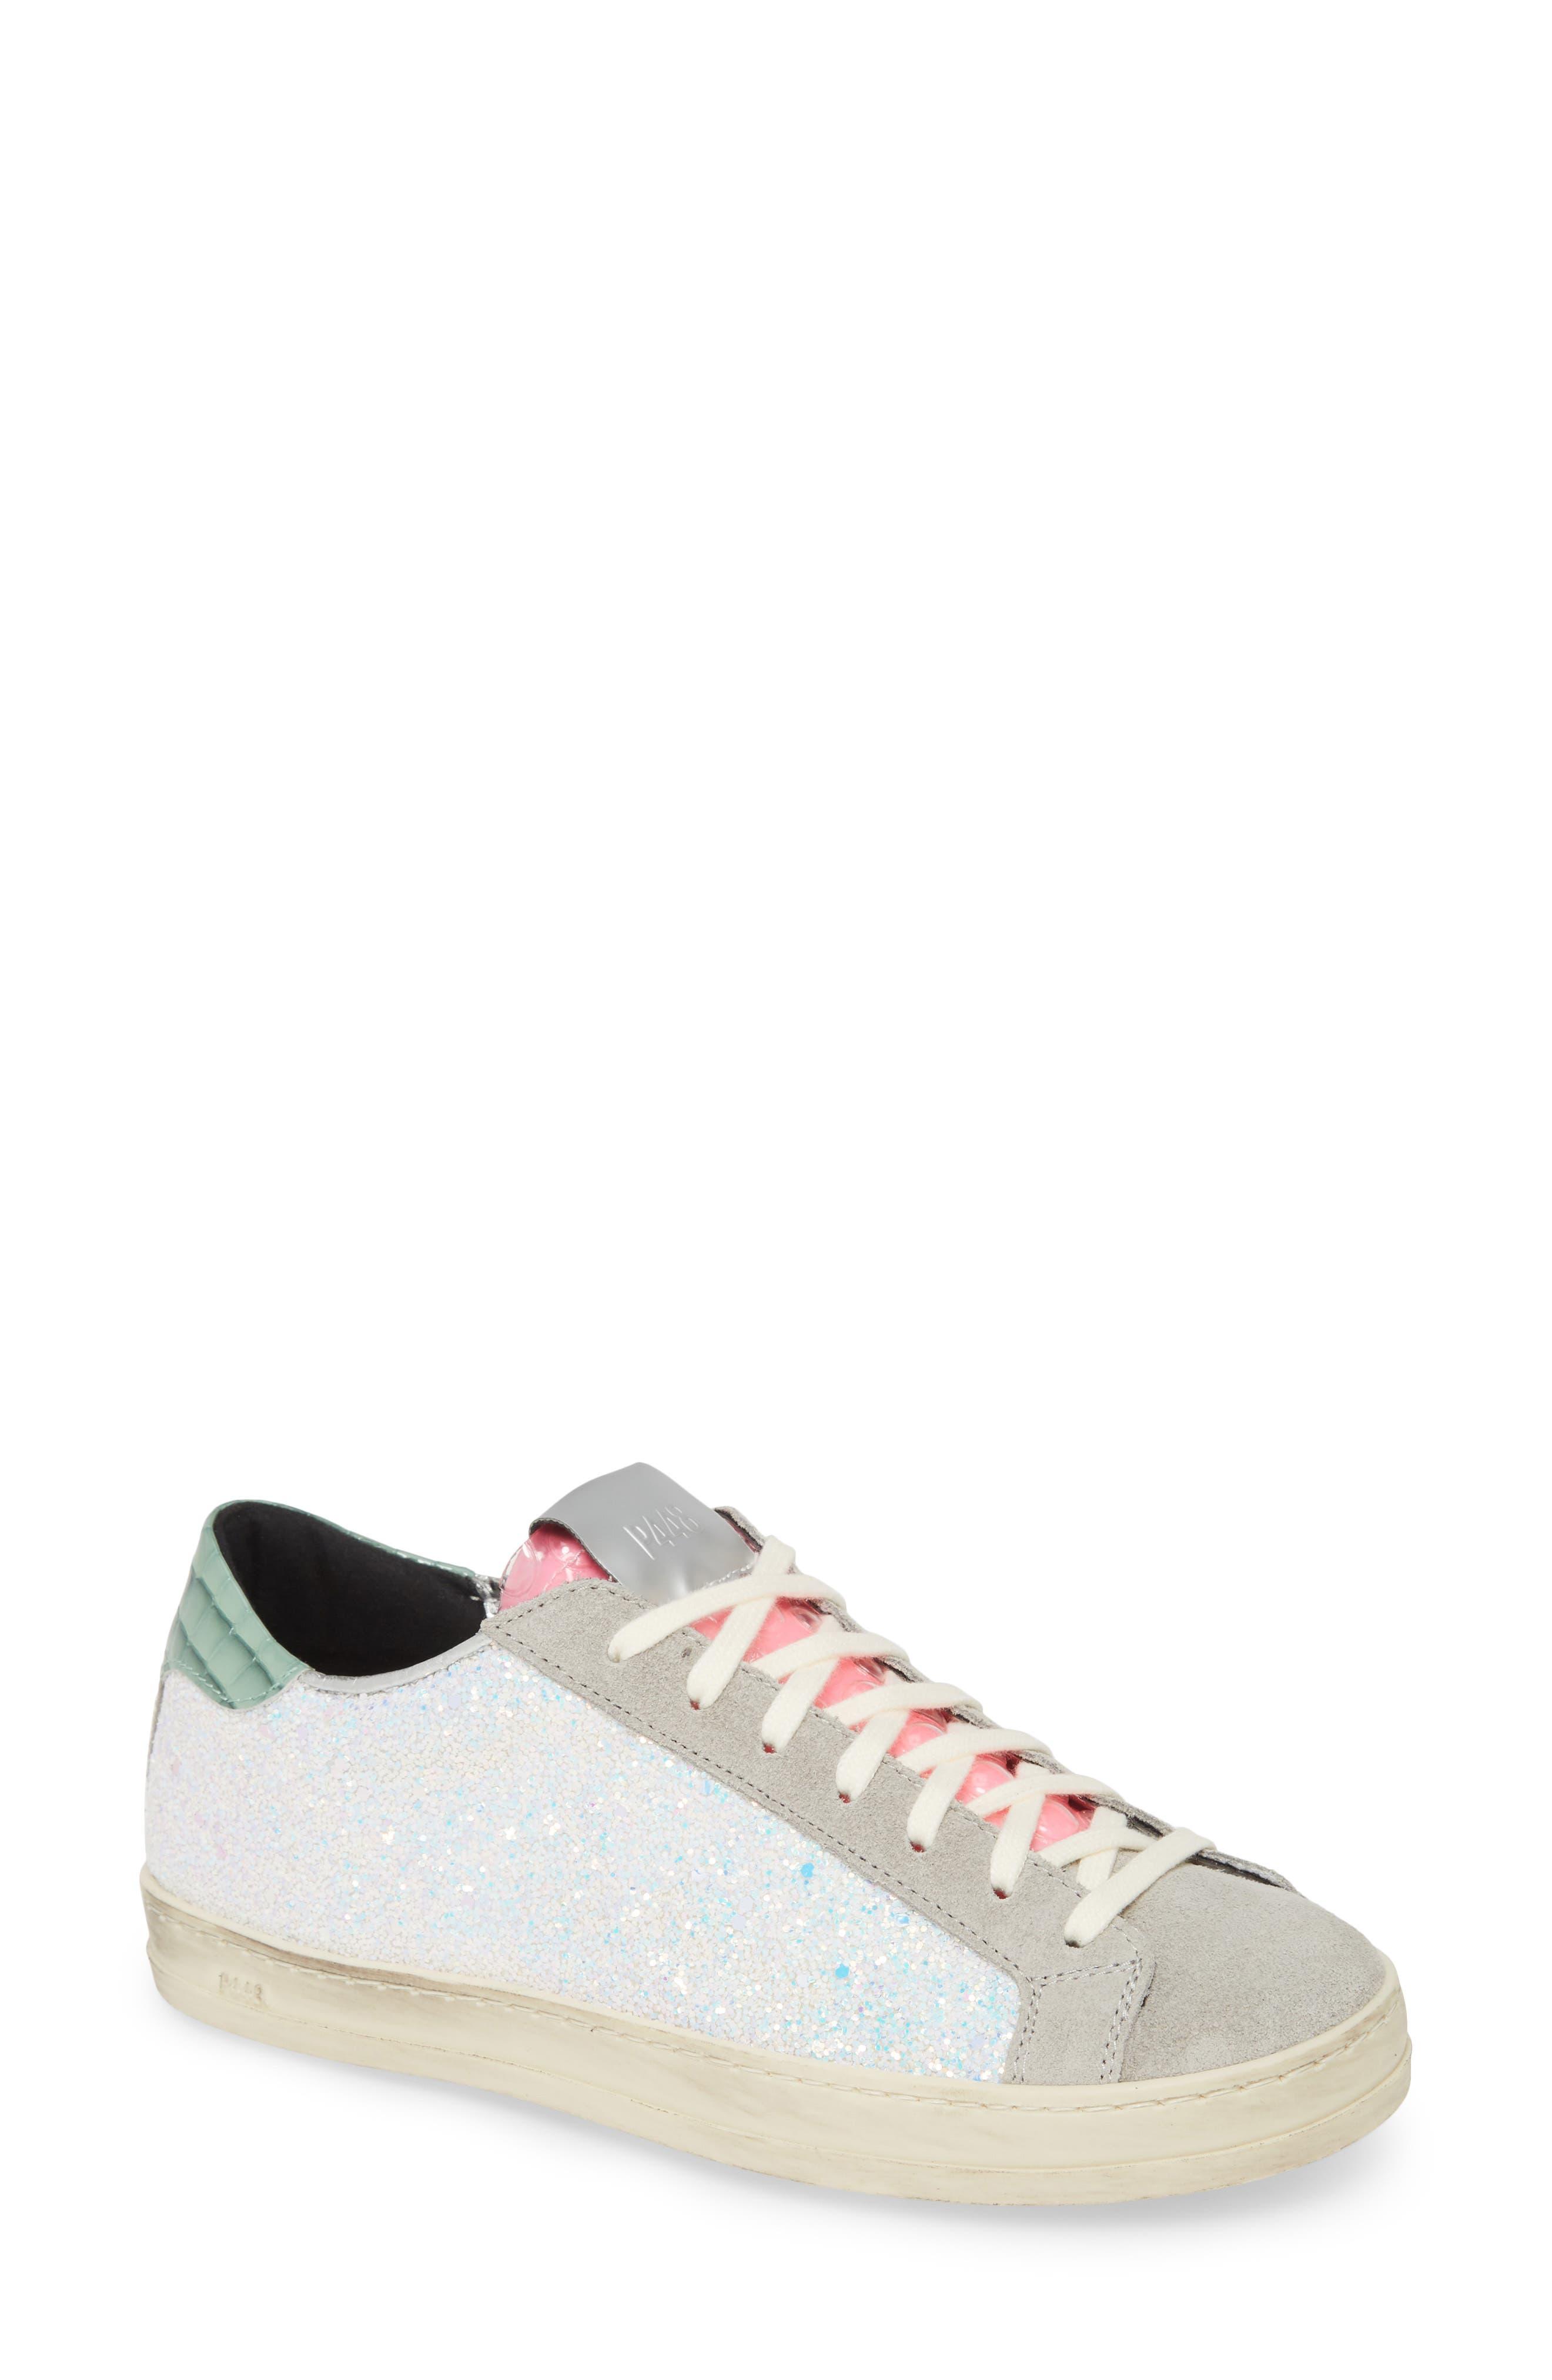 P448 John Glitter Low Top Sneaker